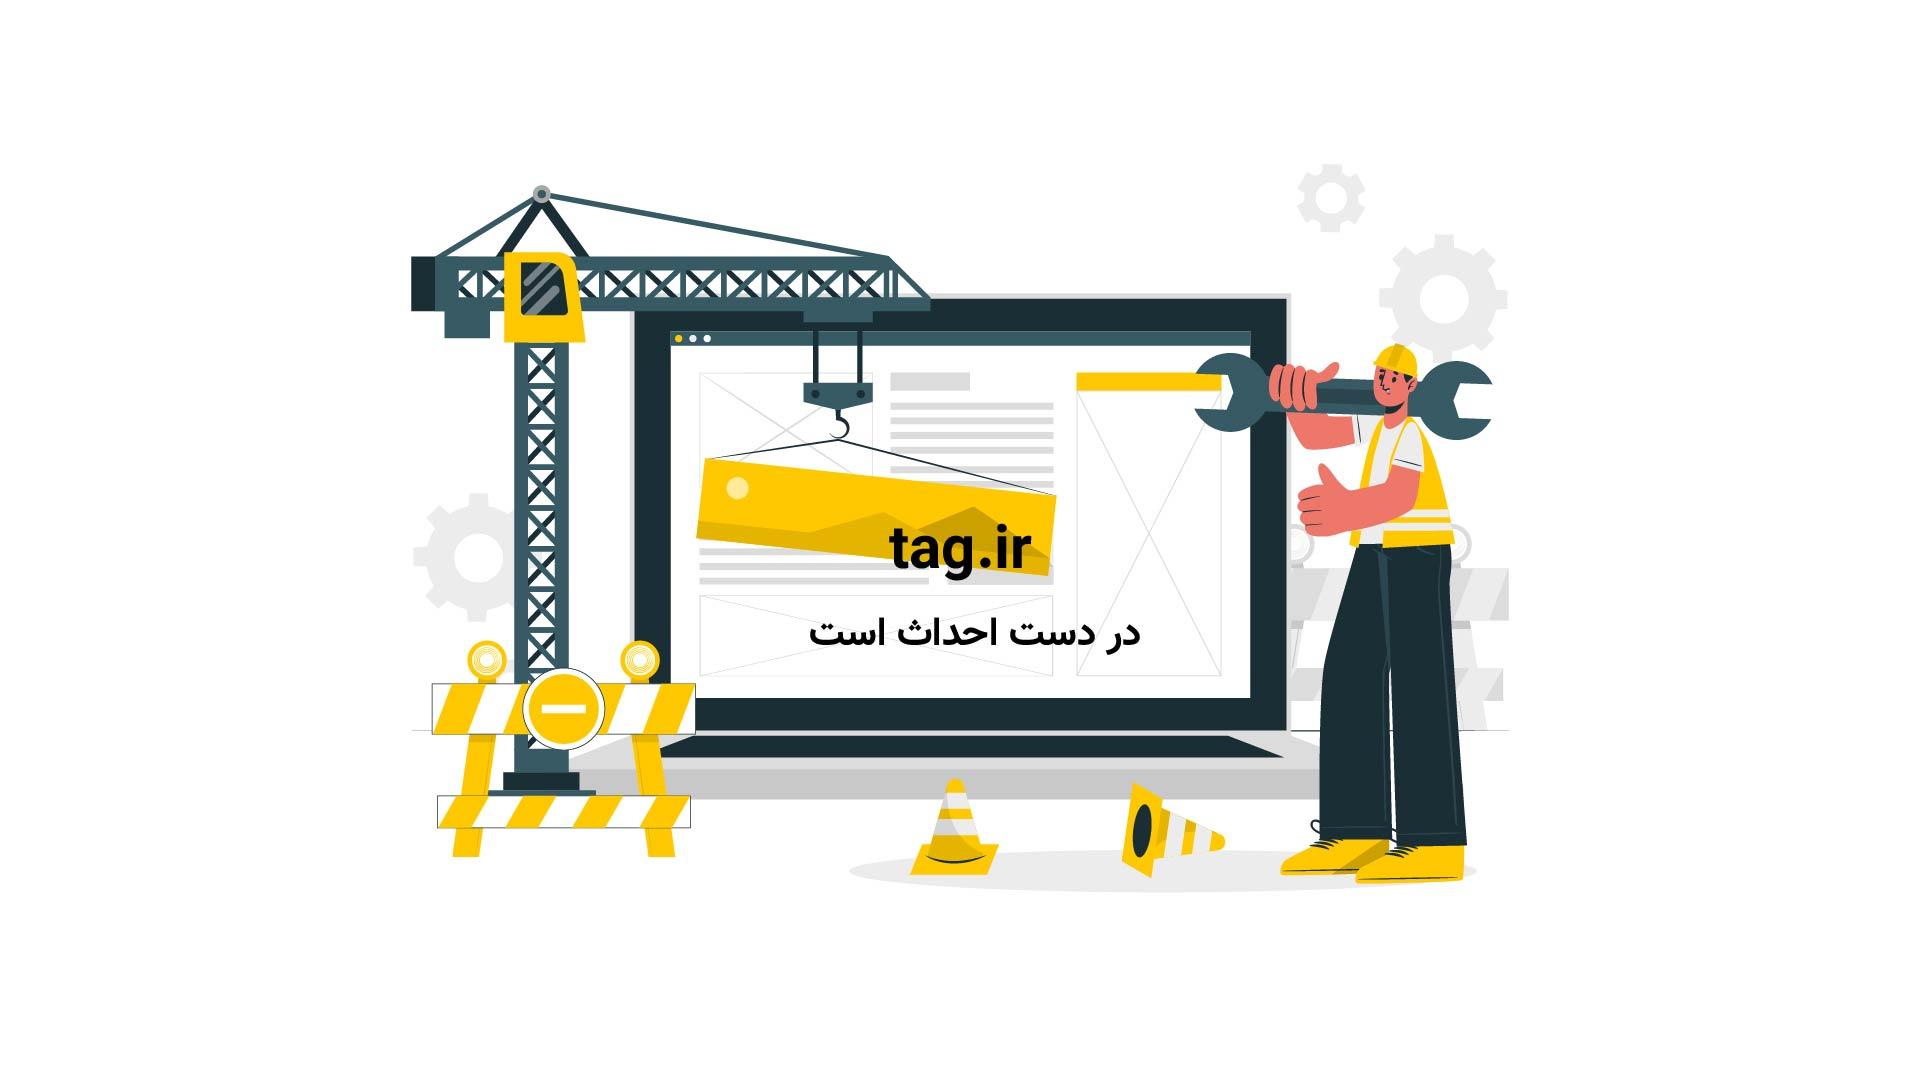 عملیات نجات یک زن و دو کودک از میان آتش و دود | فیلم